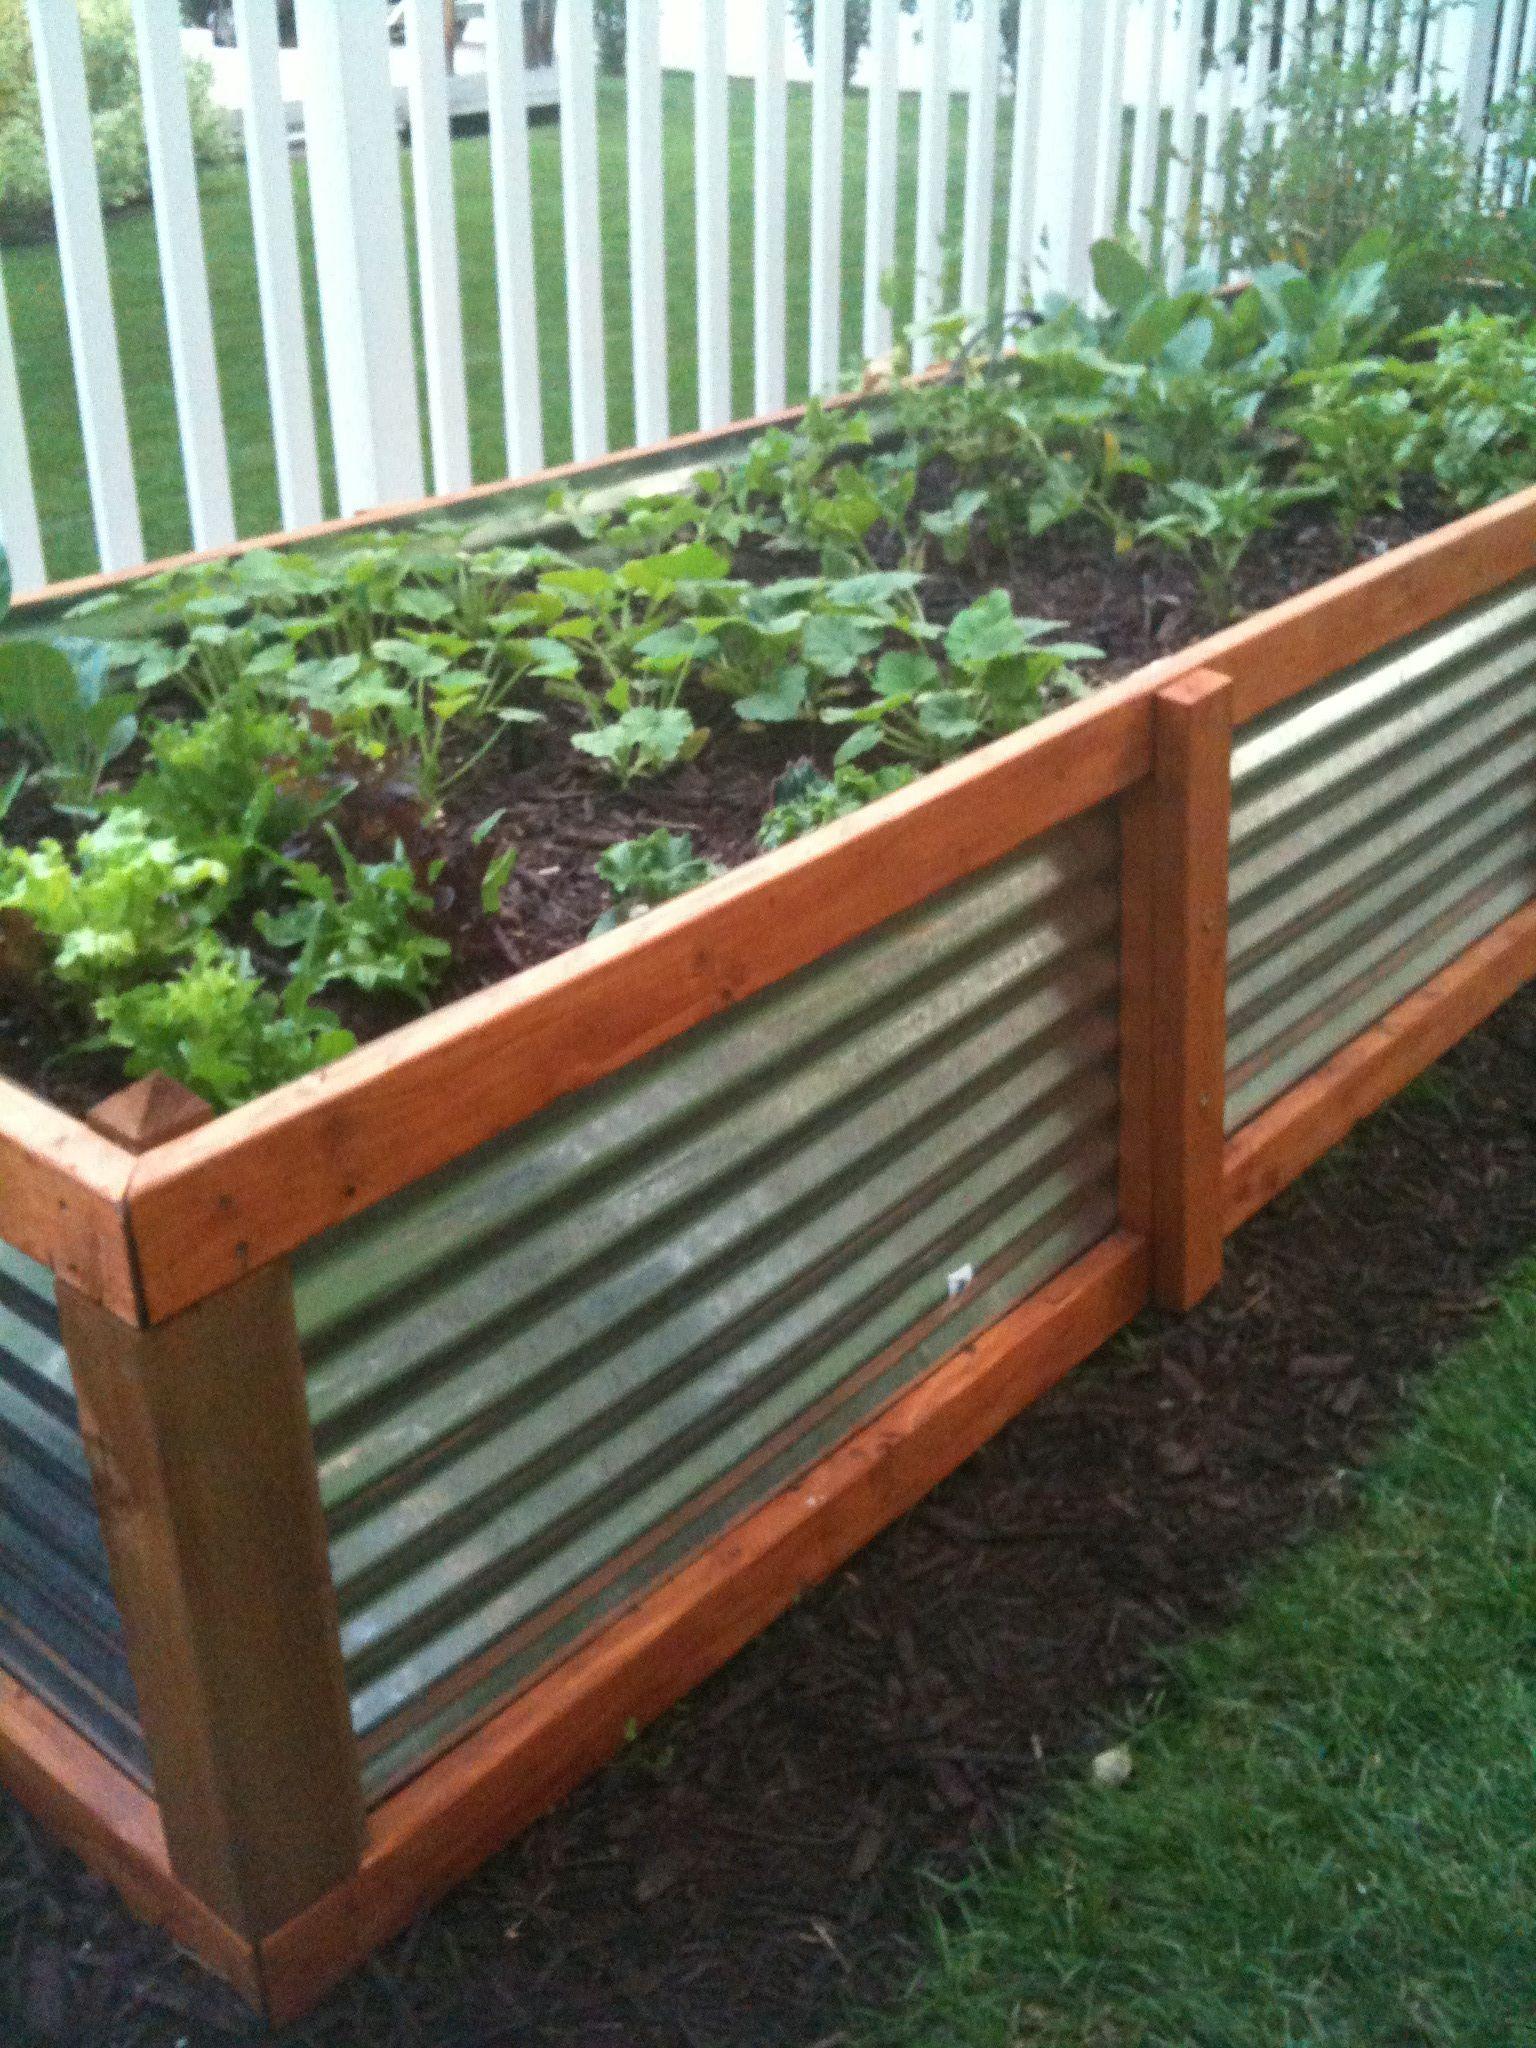 12 Raised Garden Bed Tutorials Above Ground Garden Diy Raised